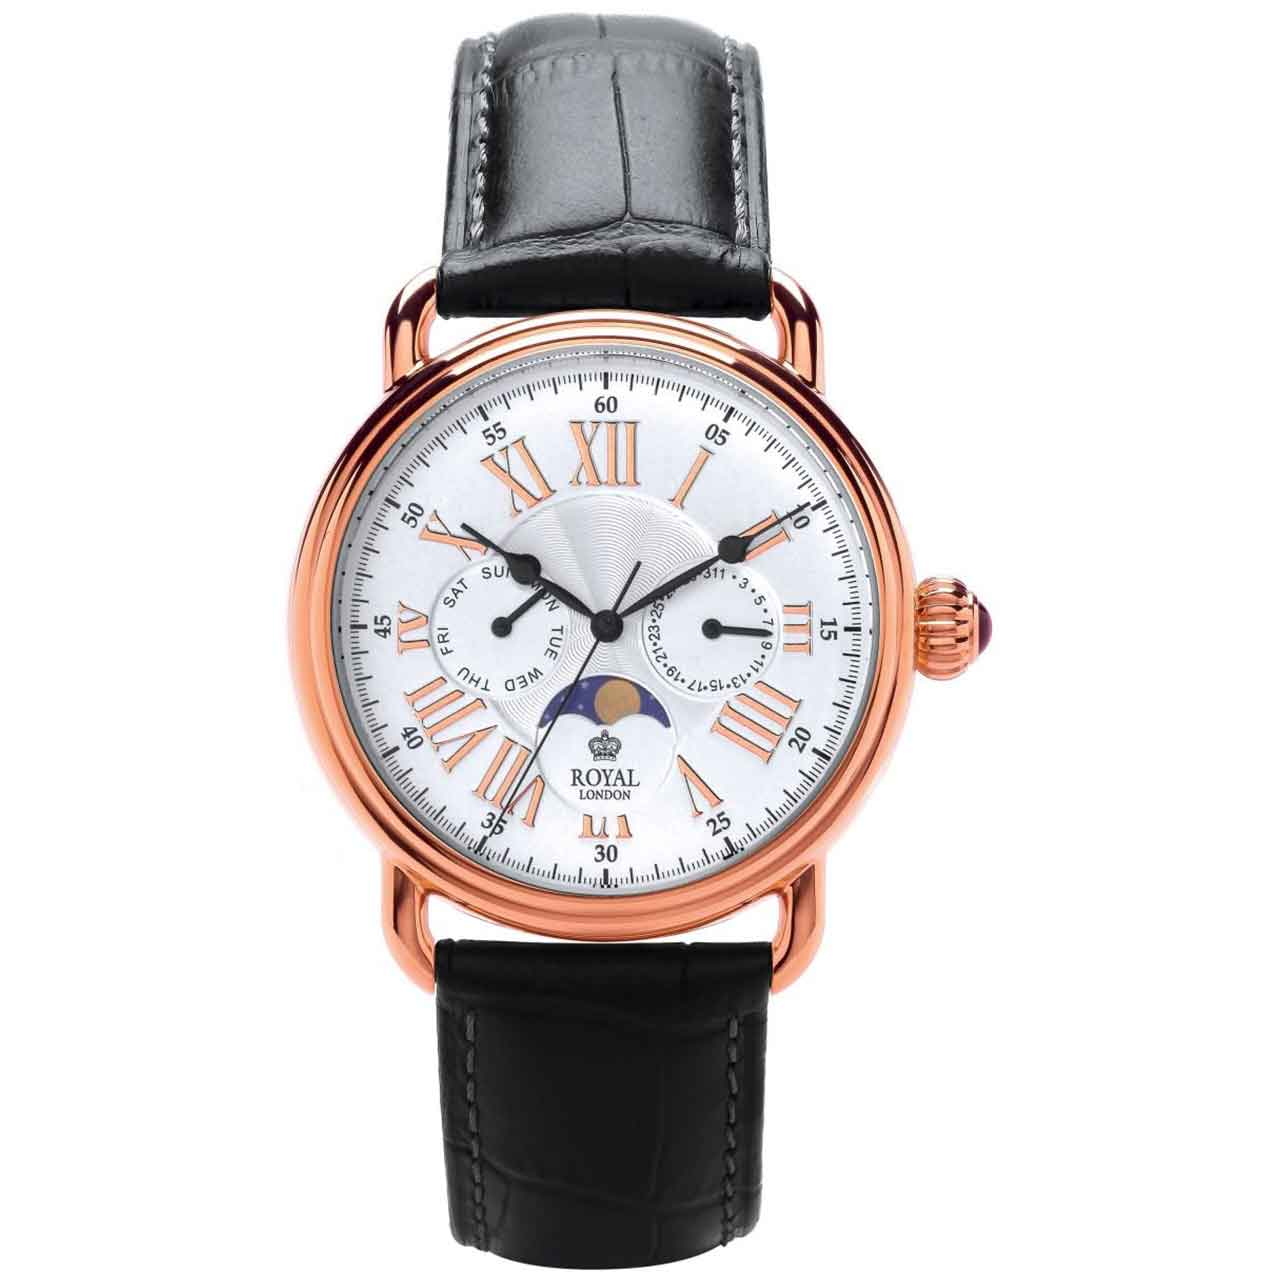 ساعت مچی عقربه ای مردانه رویال لندن مدل RL-41250-05 22